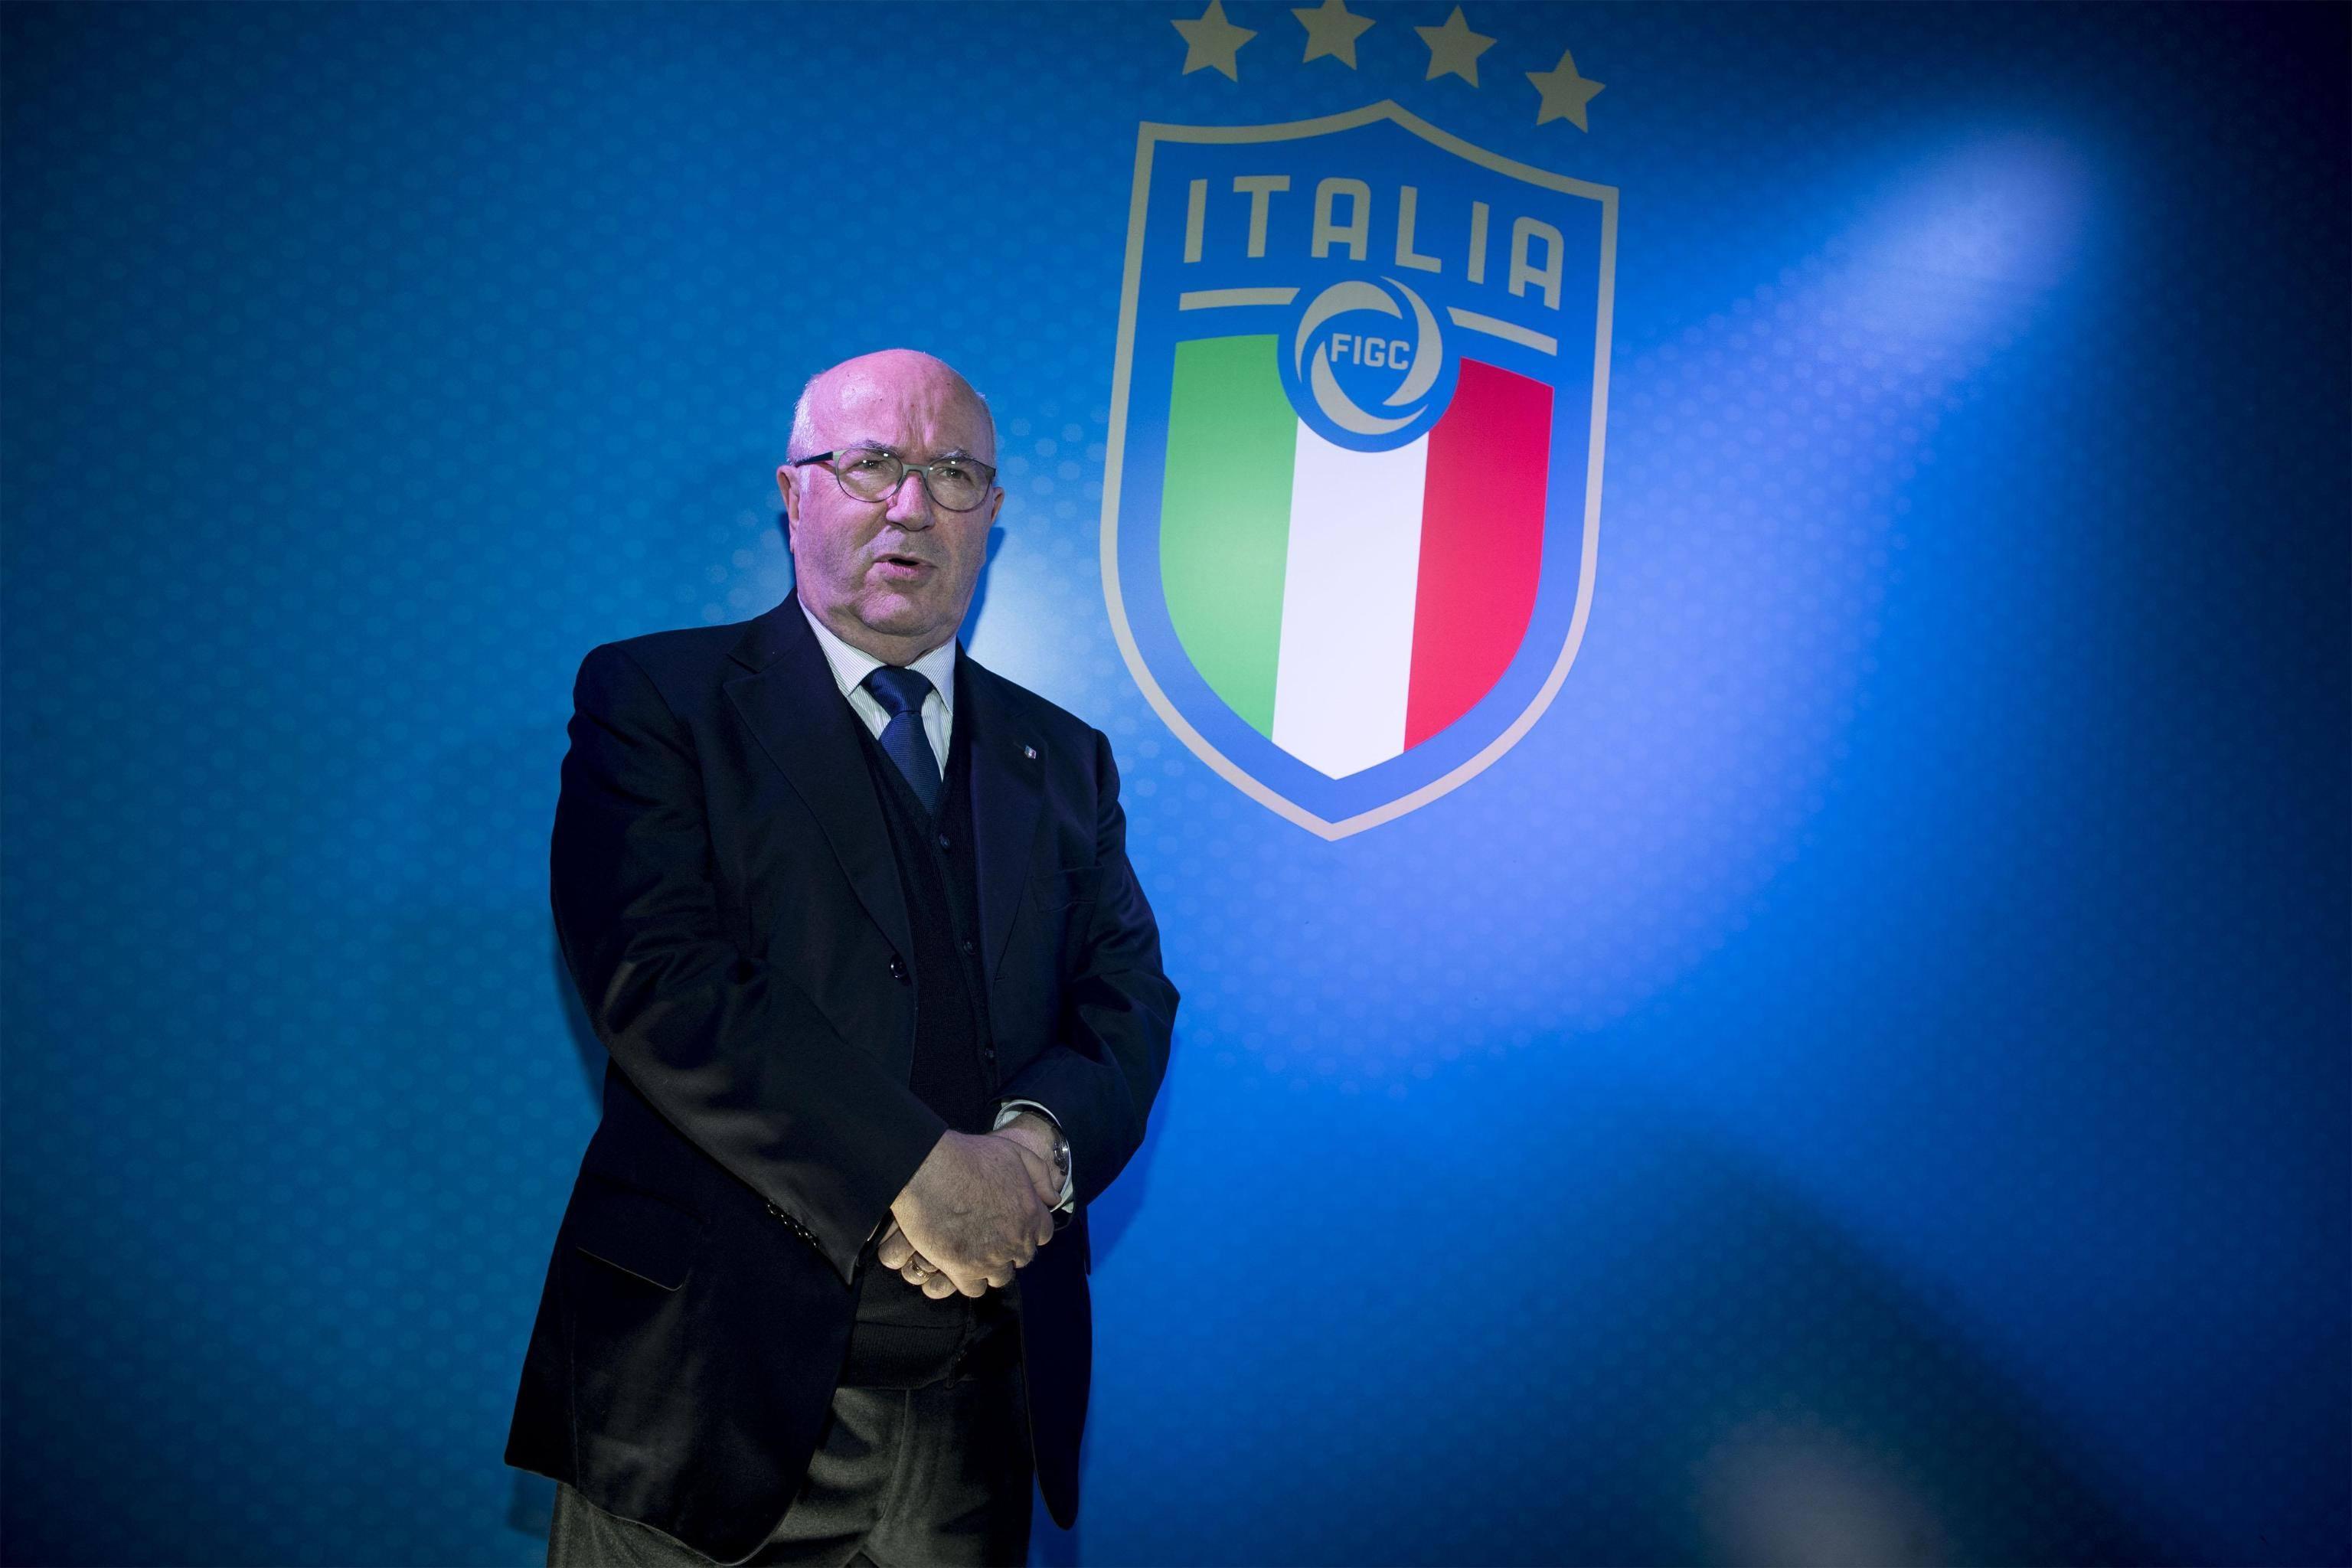 Nuovo logo Figc: l'Italia mette in evidenza le 4 stelle mondiali